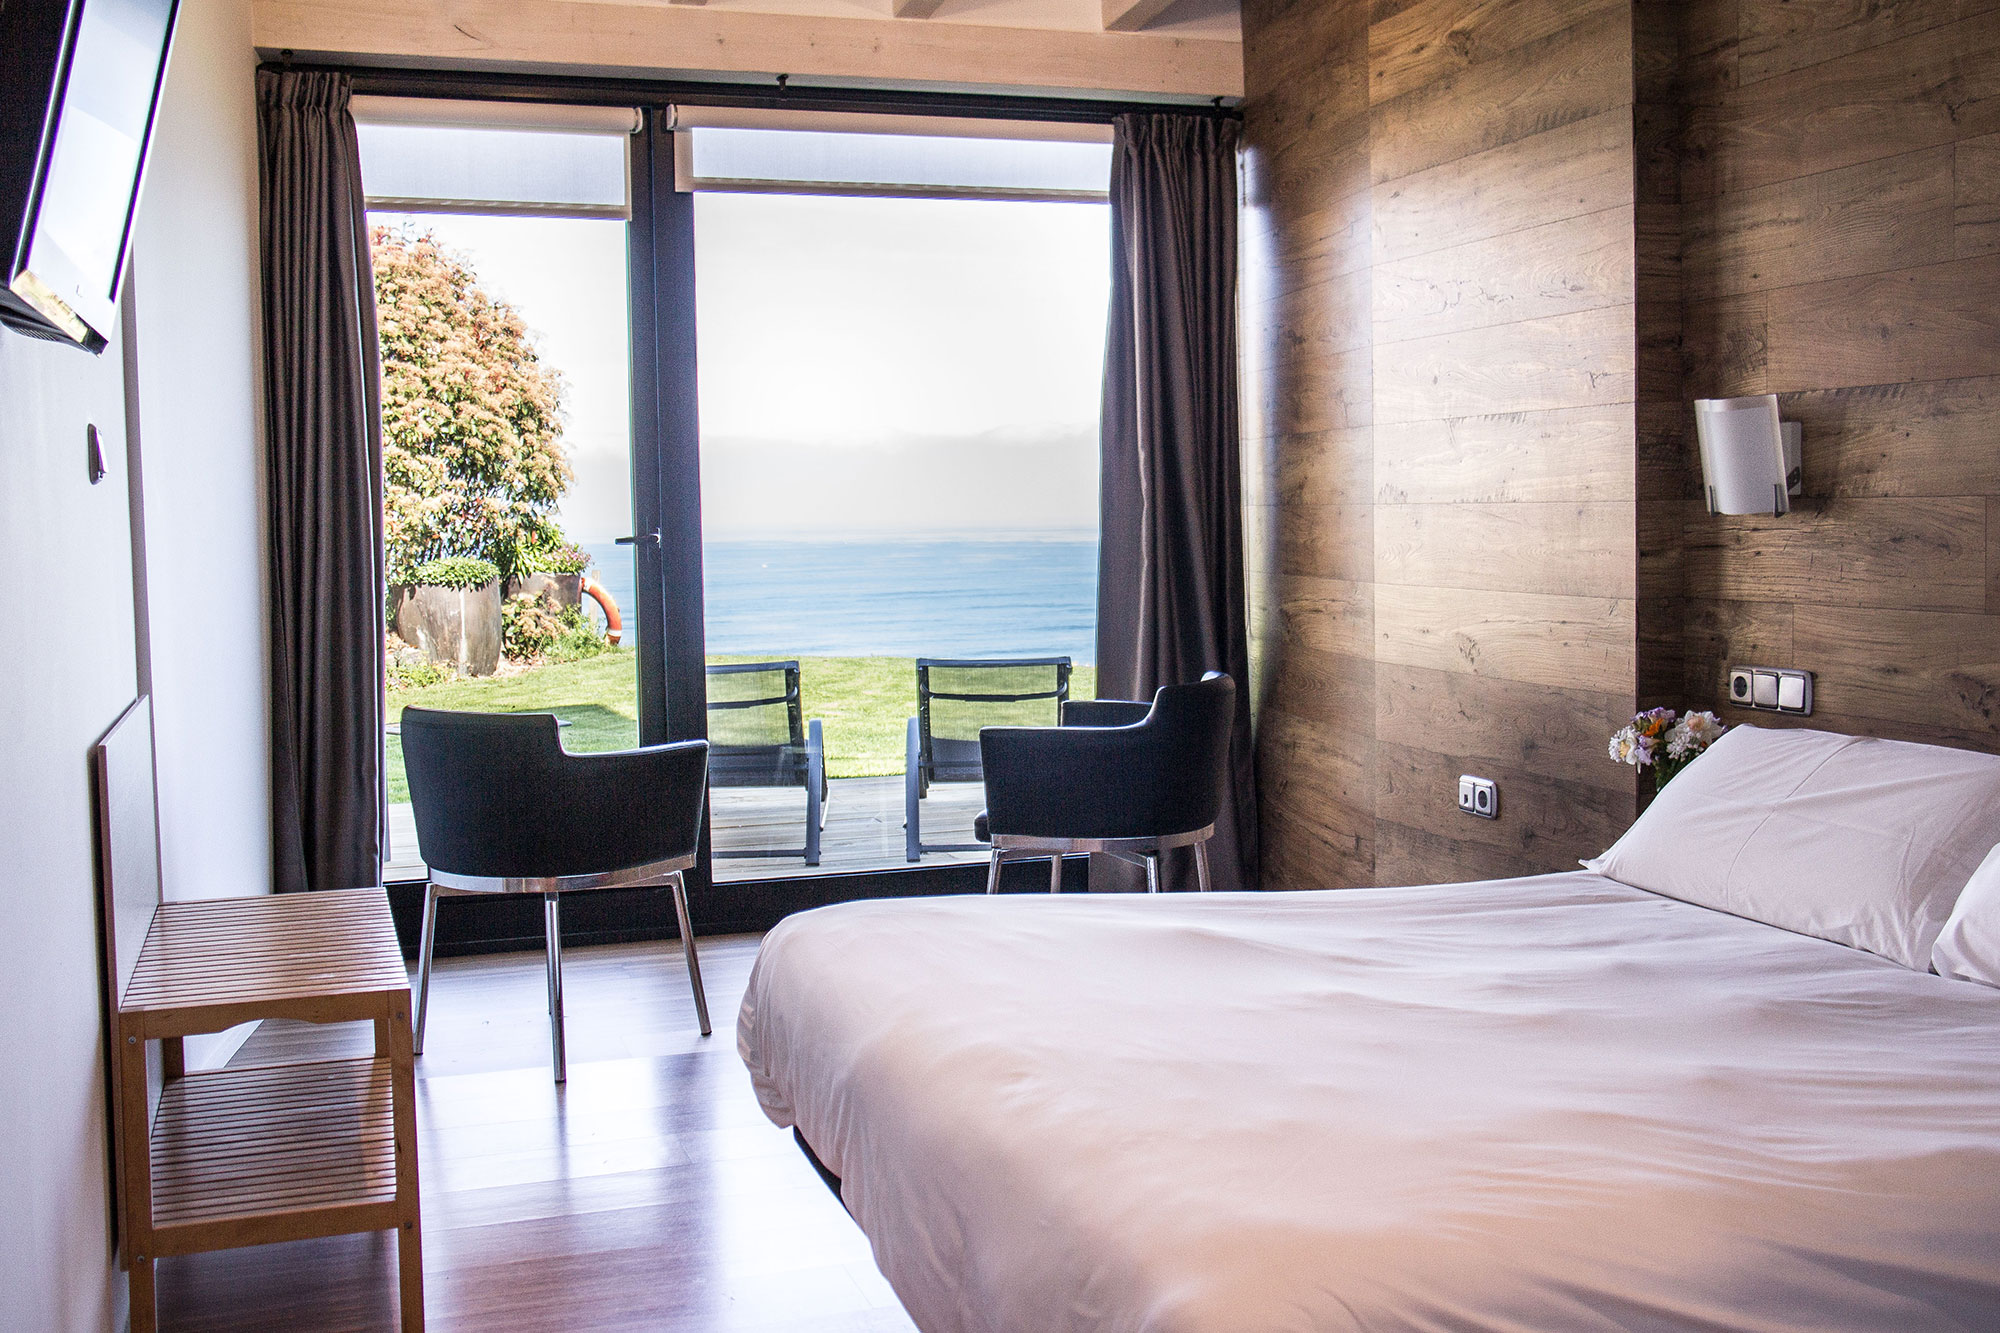 Las habitaciones son sencillas y acogedoras. No quieren quitarle protagonismo al exterior. Foto: Gorka Ibargoyen